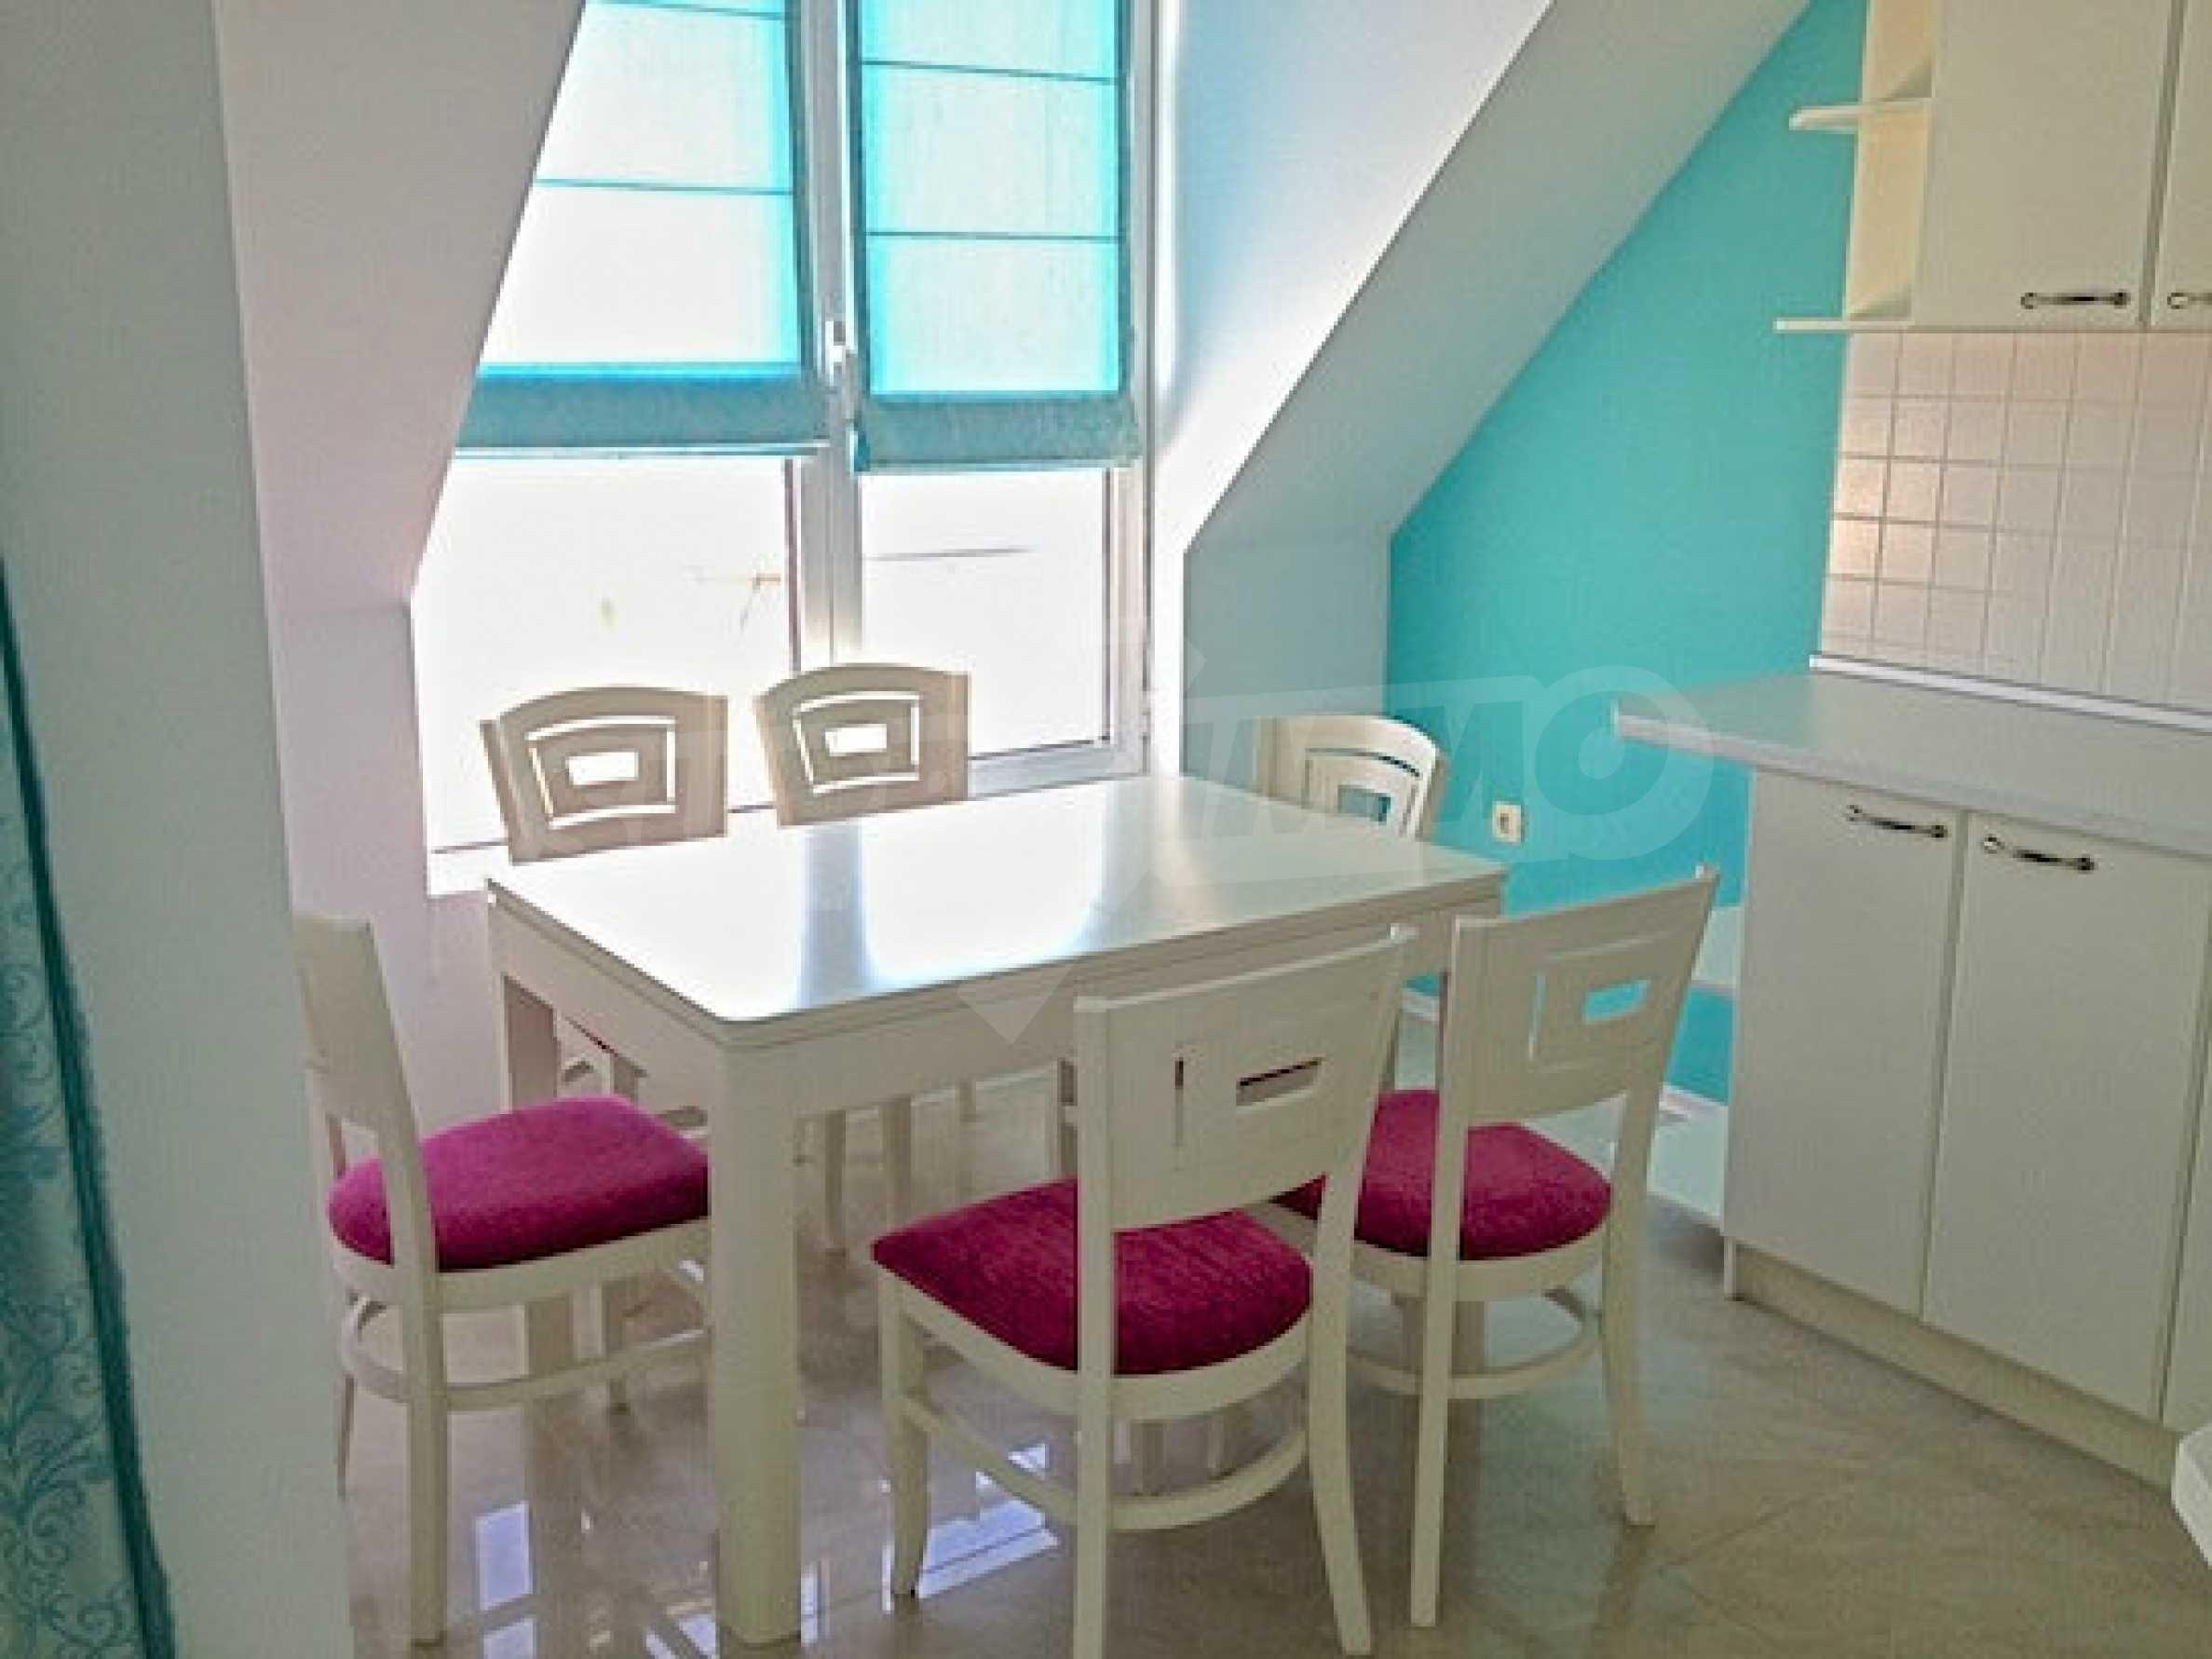 Zwei-Zimmer-Wohnung in einem Komplex 50 Meter vom Meer entfernt 1